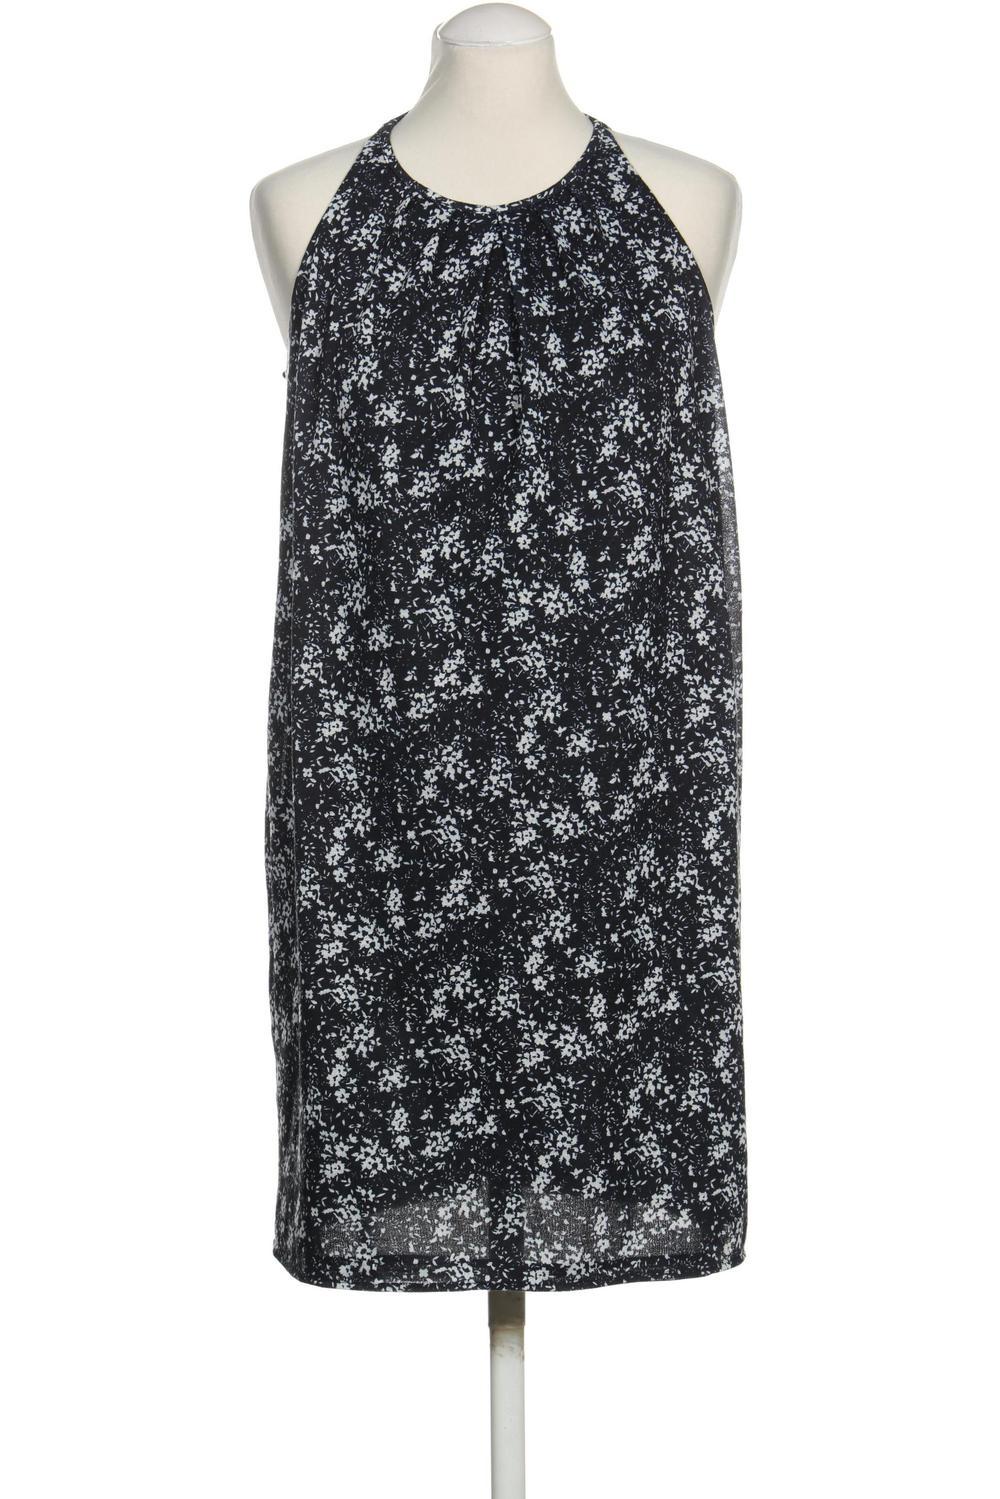 MANGO Damen Kleid INT S Second Hand kaufen | ubup